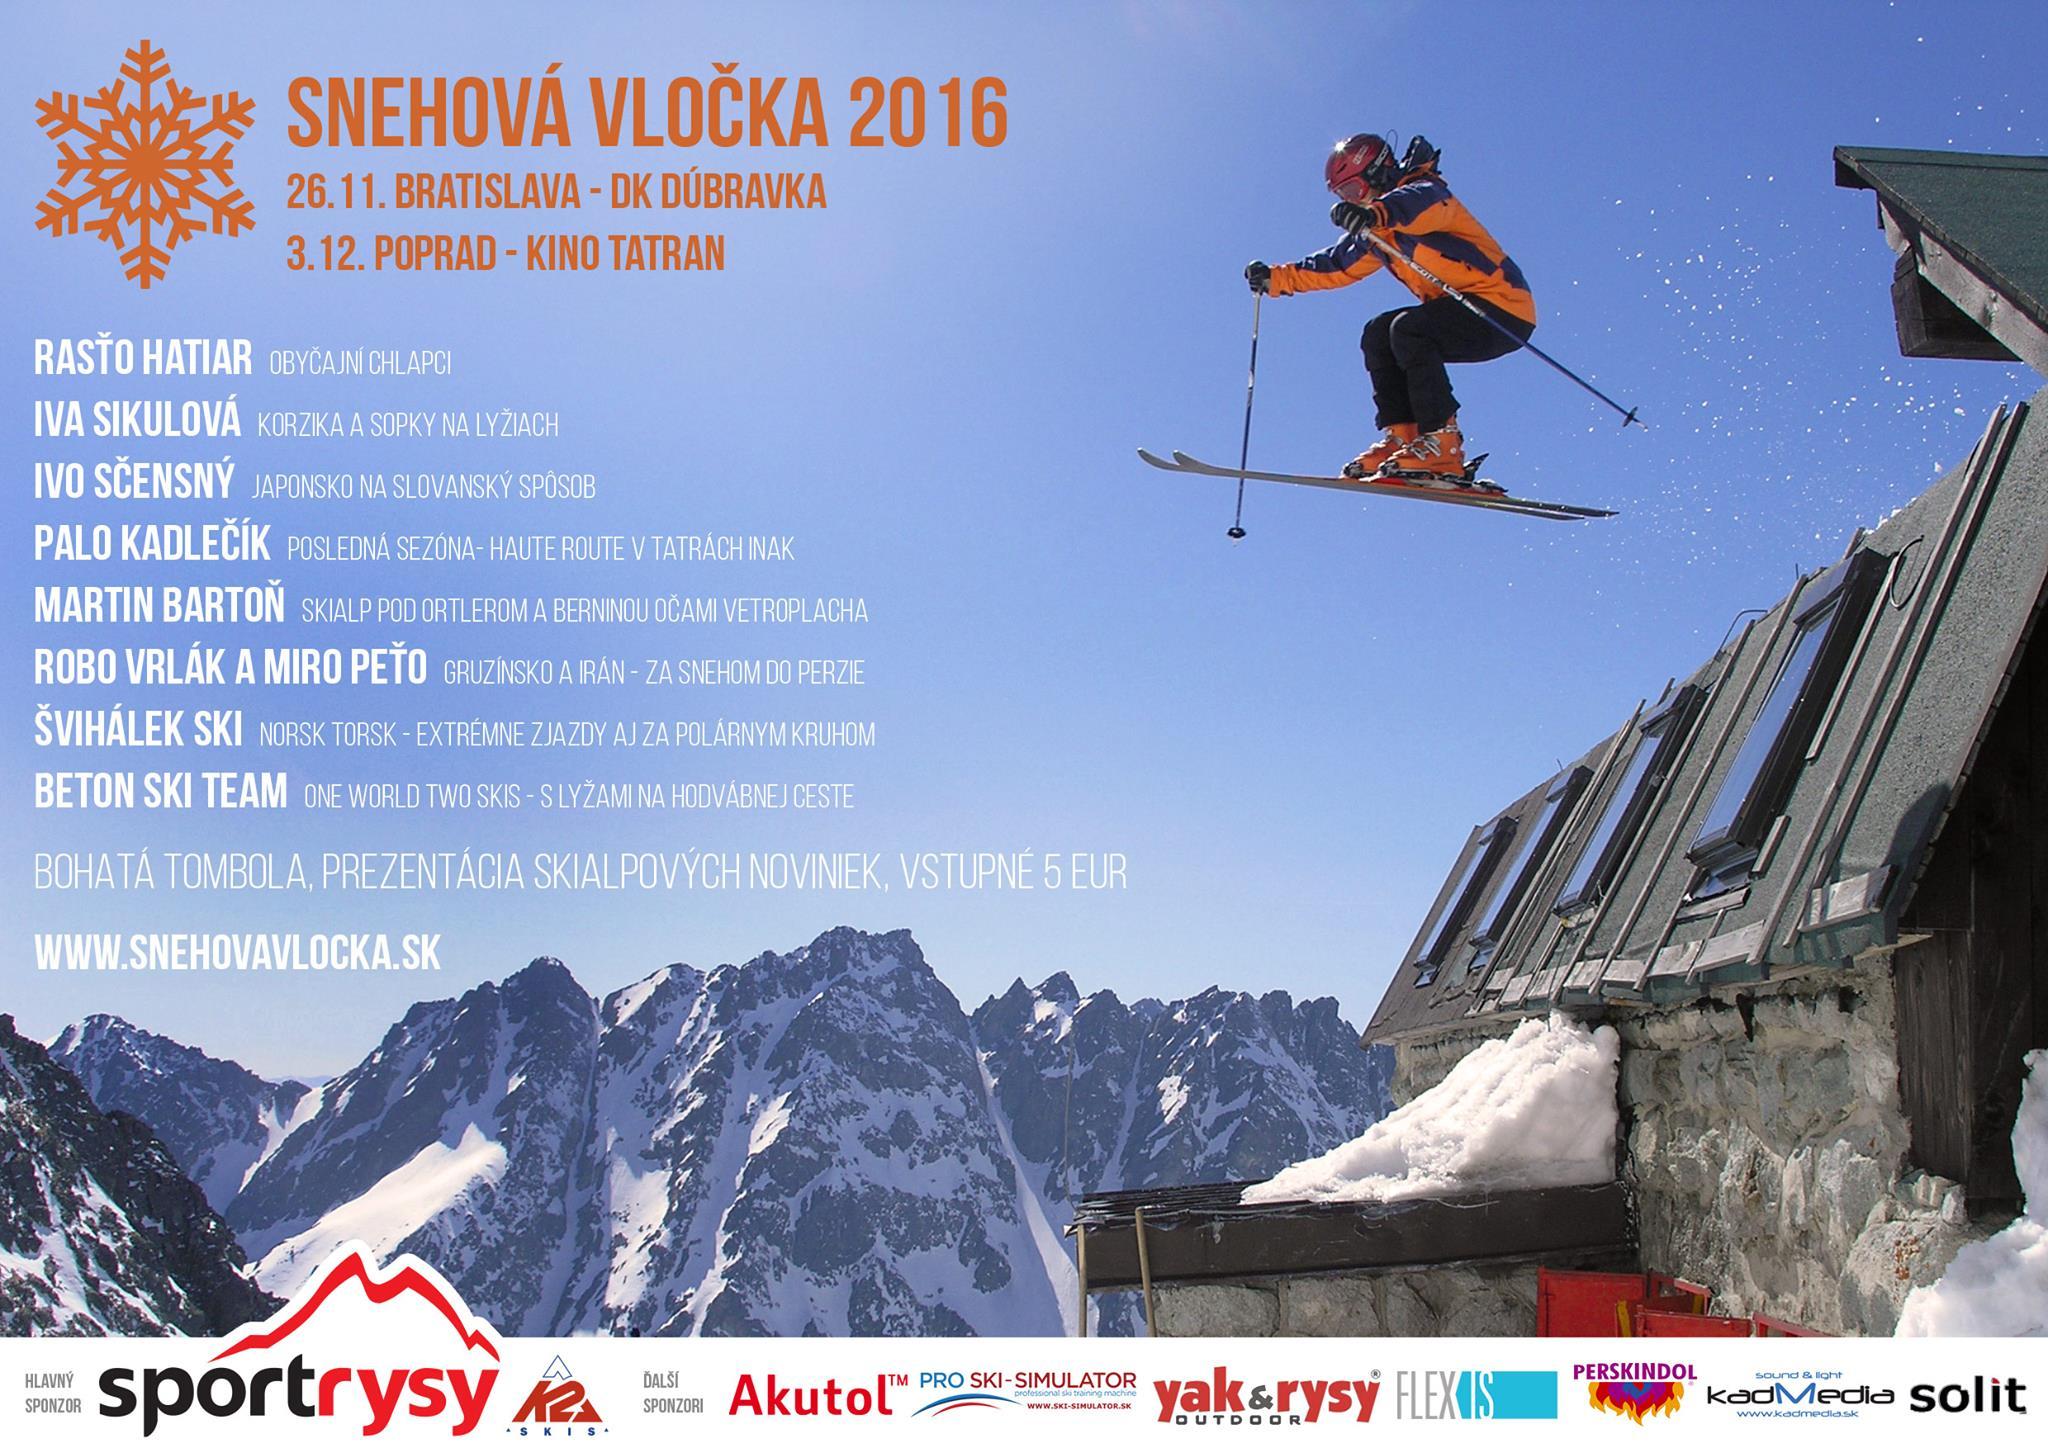 snehova-vlocka-skialpovy-festival-filmov-a-prezentacii-